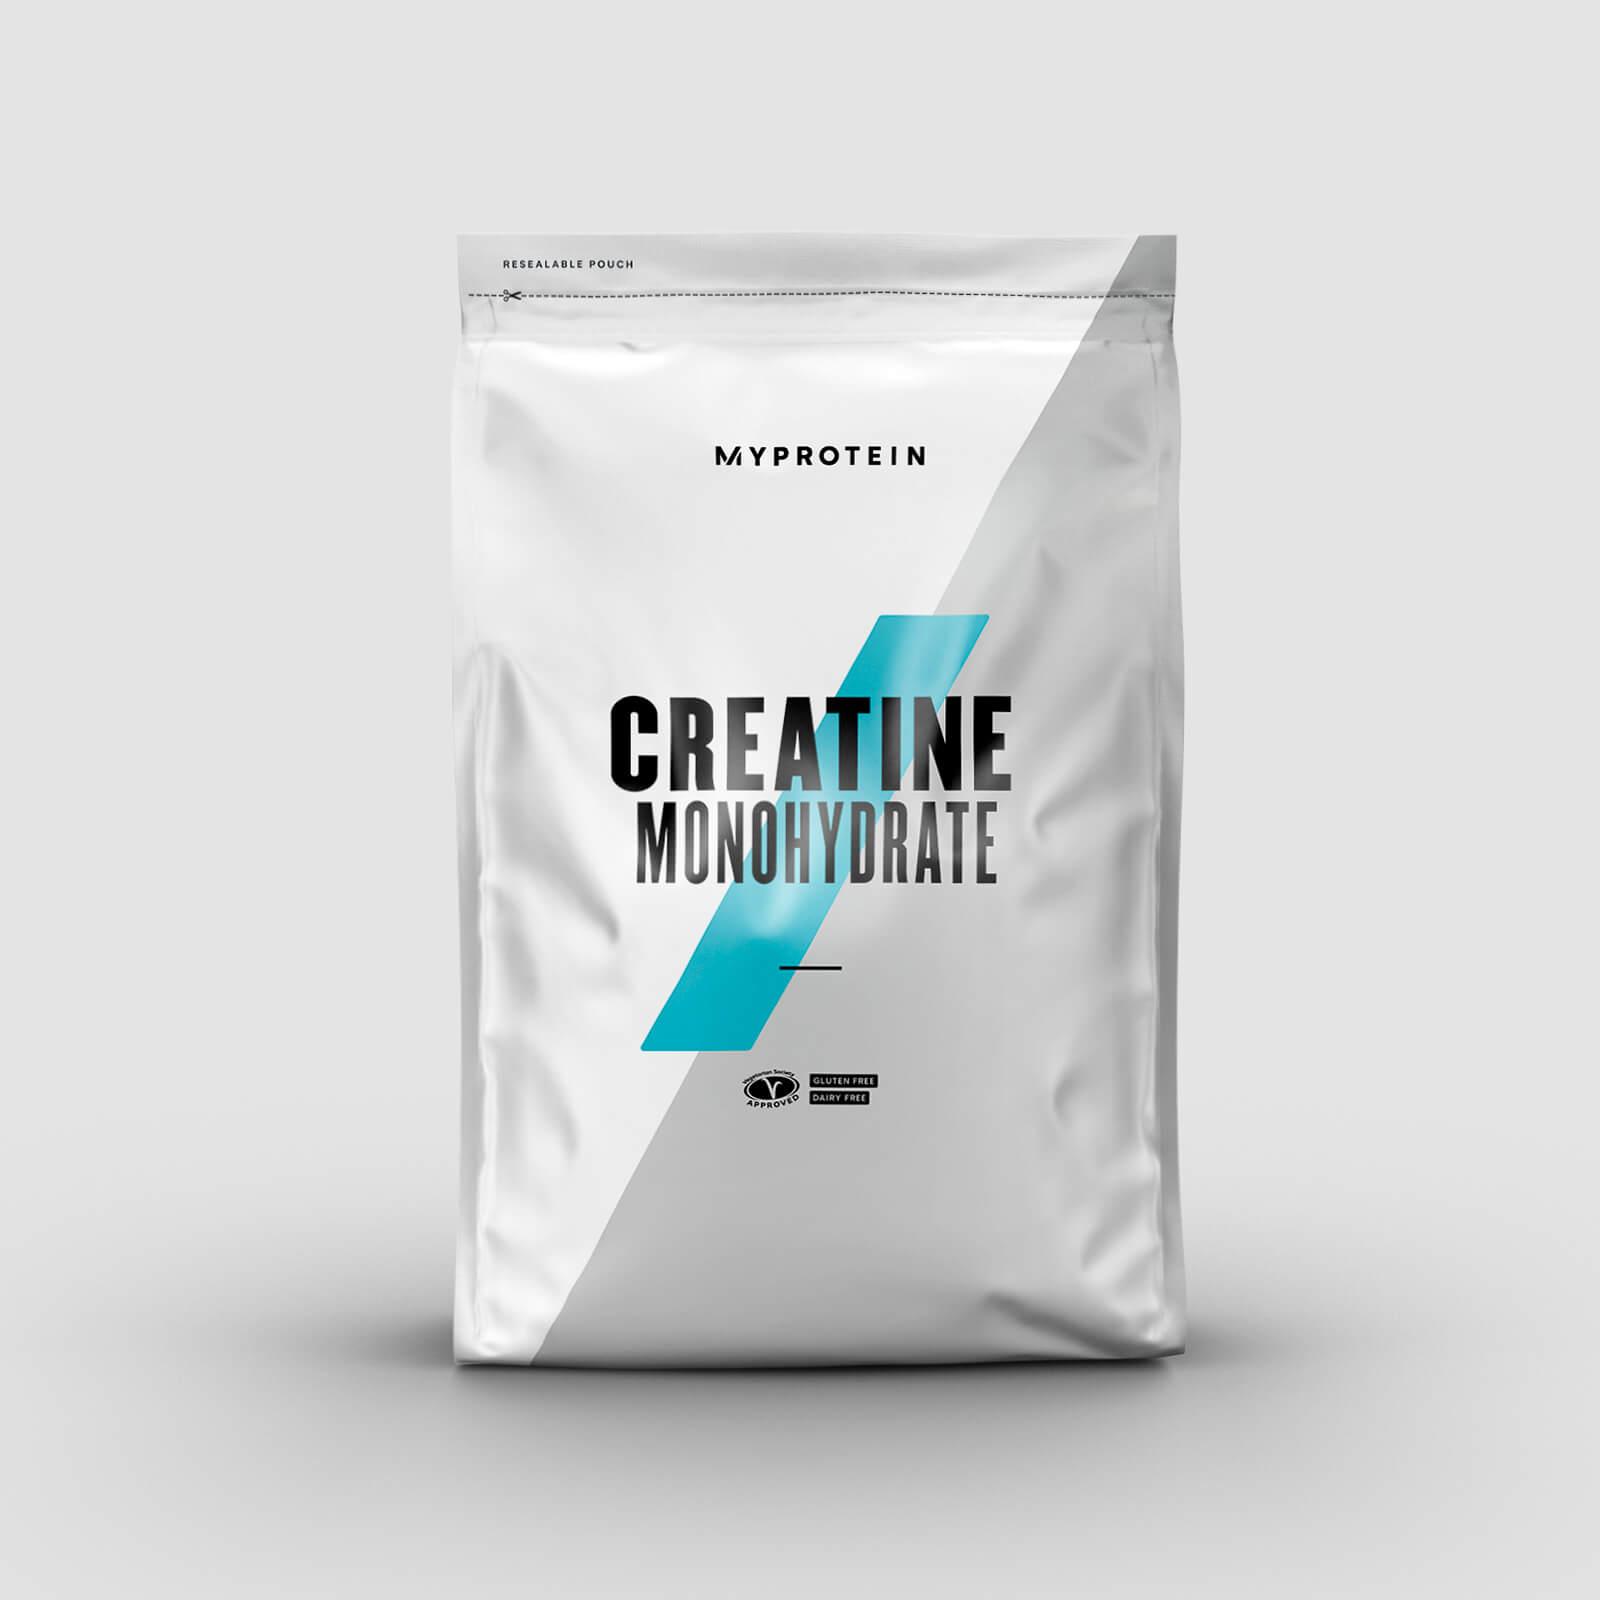 Myprotein Creatine Monohydrate Powder - 2.2lb - Unflavored